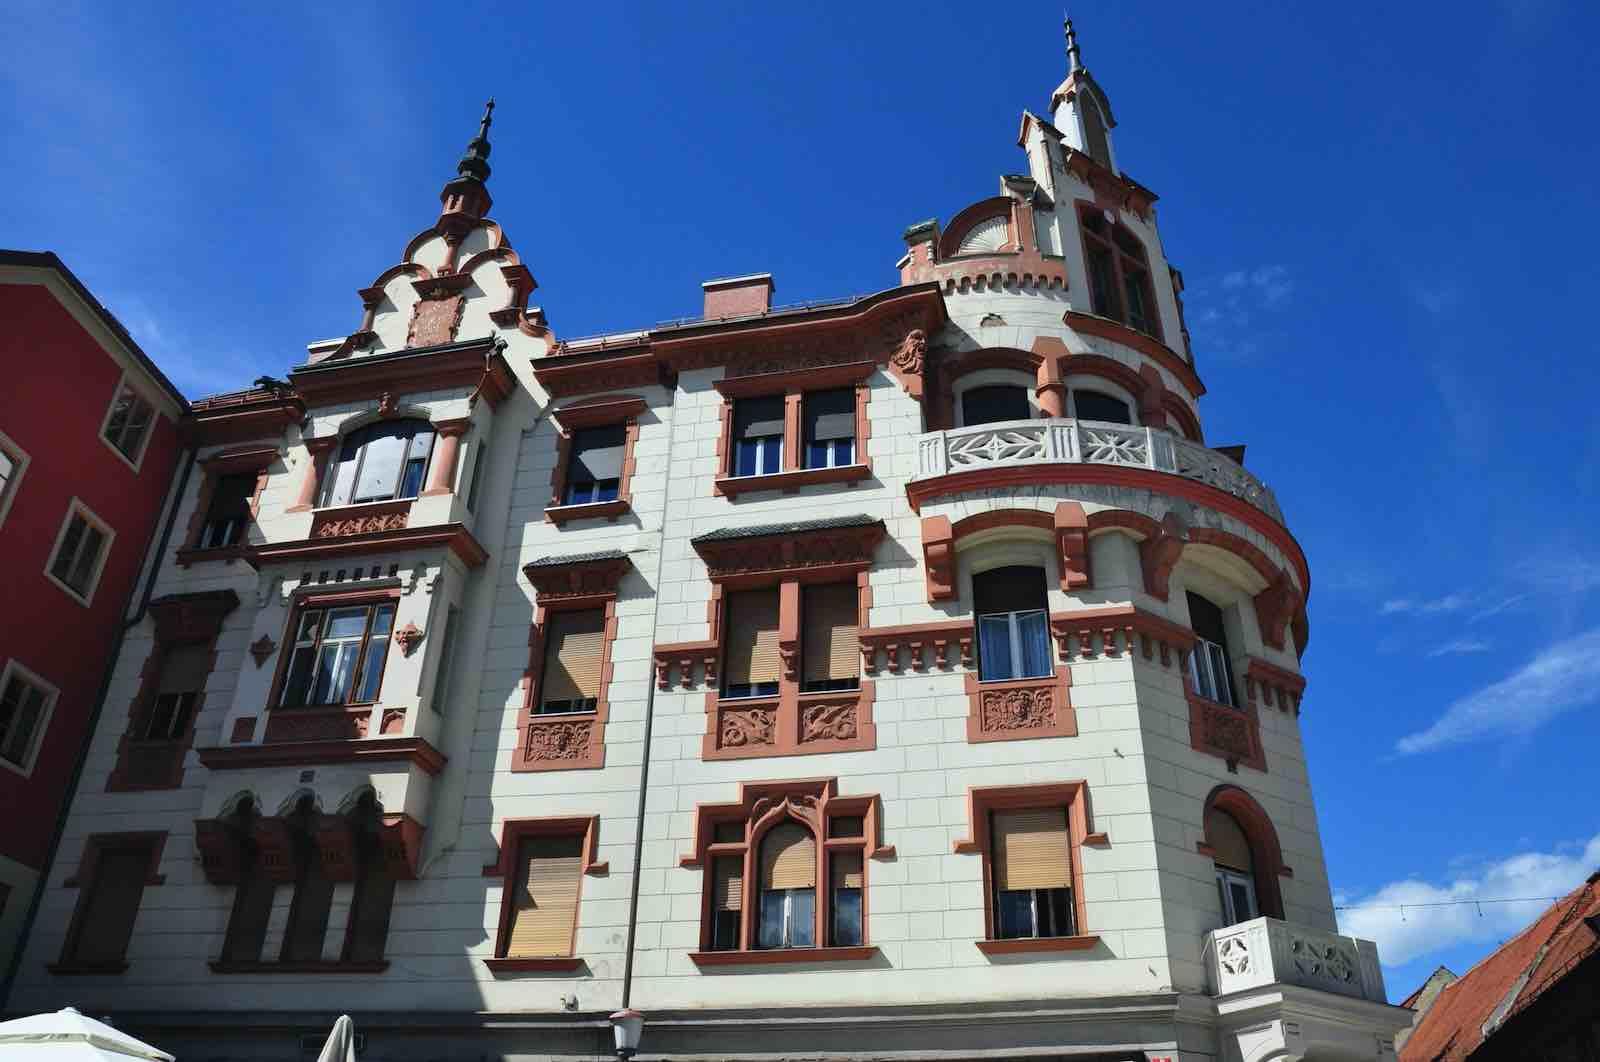 INTERNACIONALNO DRUŠTVO MOST SVOBODE, Maribor